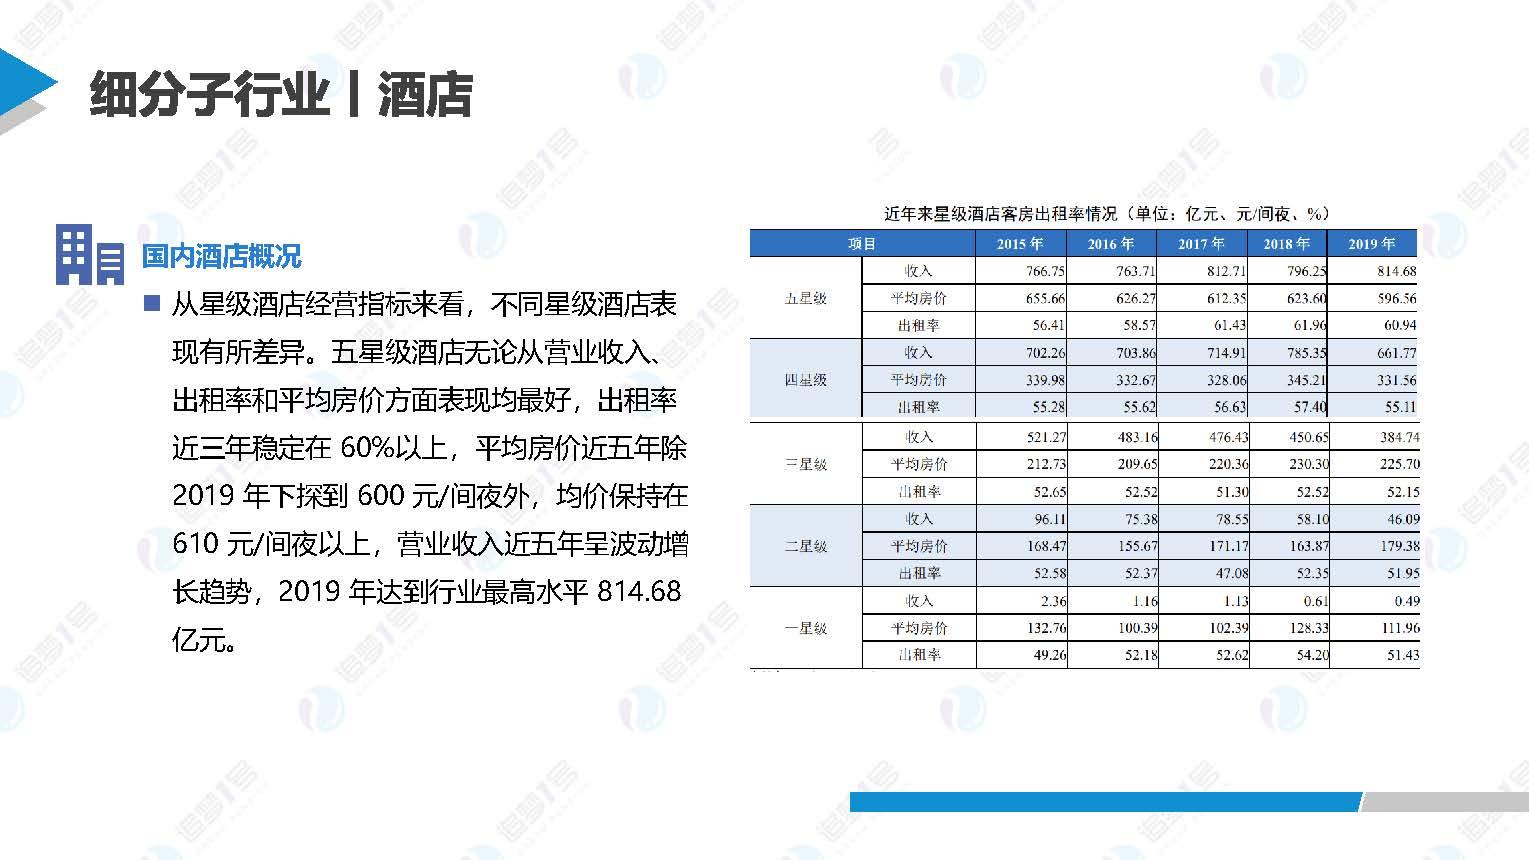 中国旅游行业研究 _页面_22.jpg